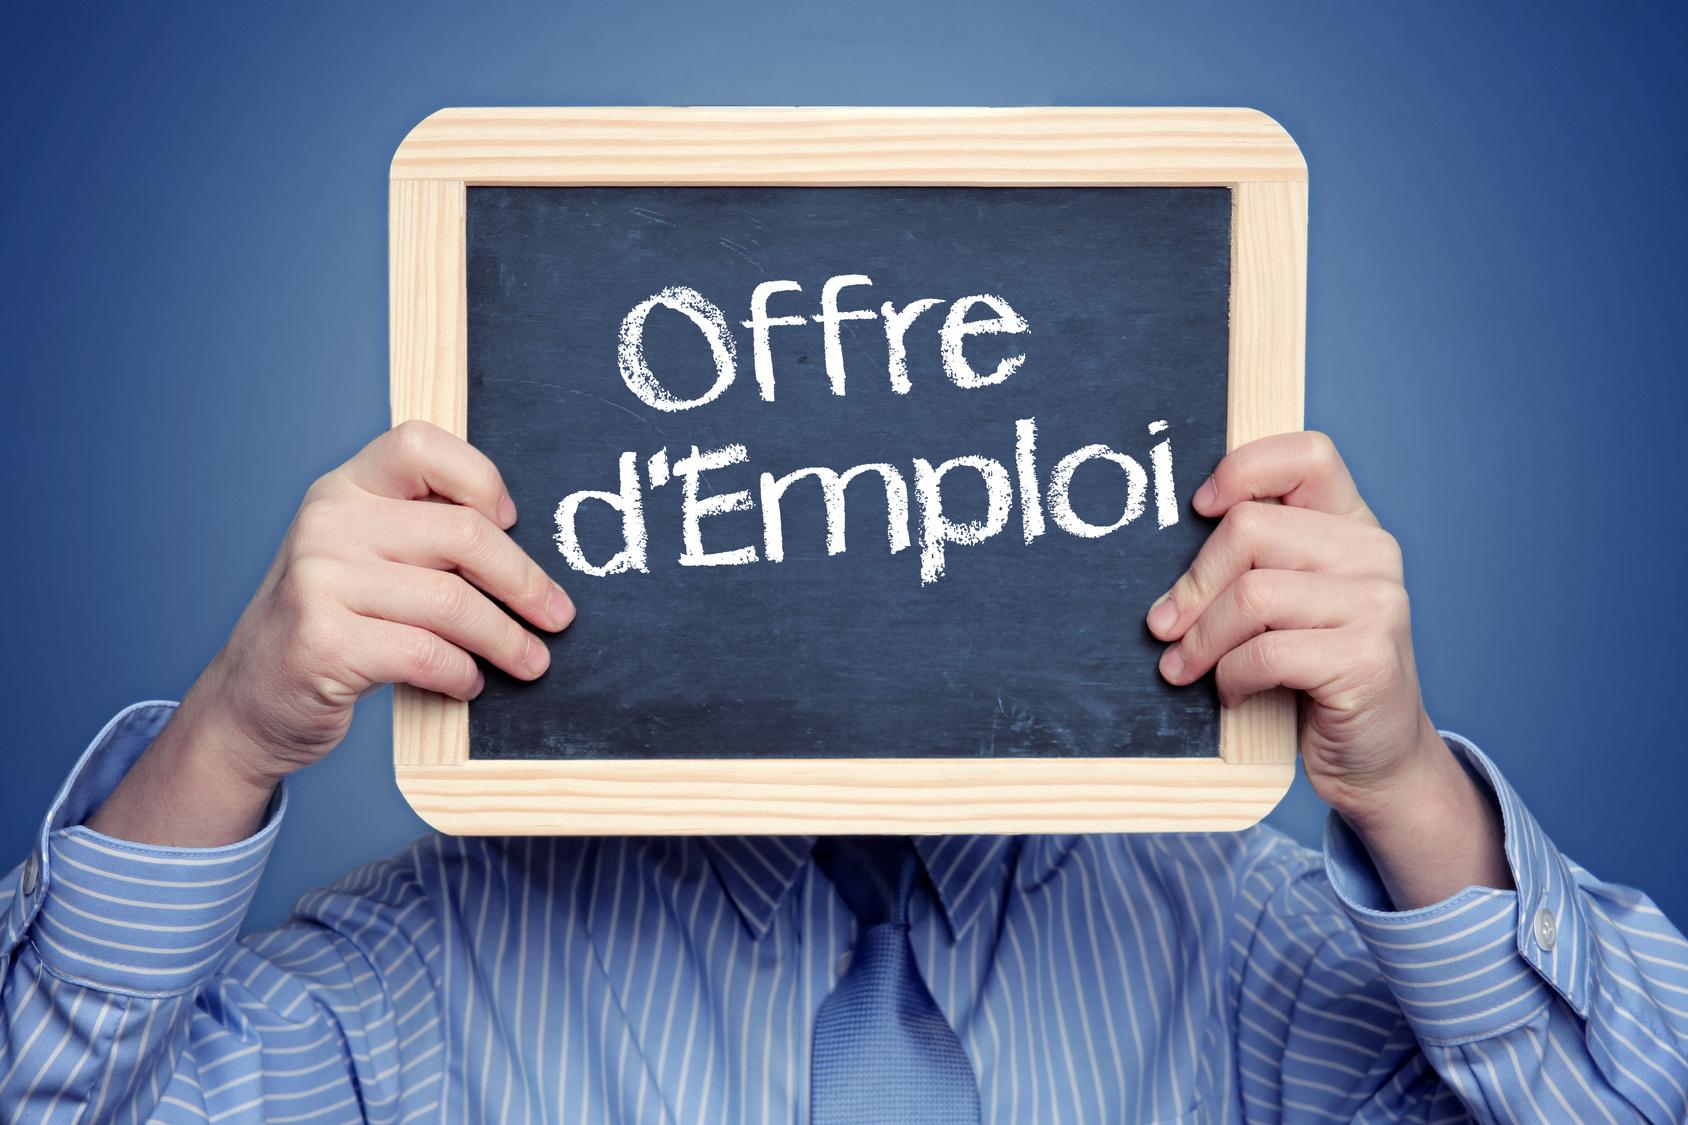 Voir plus d'offres d'emploi ( restantes) Retrouvez toutes vos offres d'emploi dans votre espace Espace candidat. Voir les offres. Plus d'infos sur Suivre notre actualité Emploi & Carrière. Posez toutes vos questions à nos experts métier. Le recrutement à l'international.